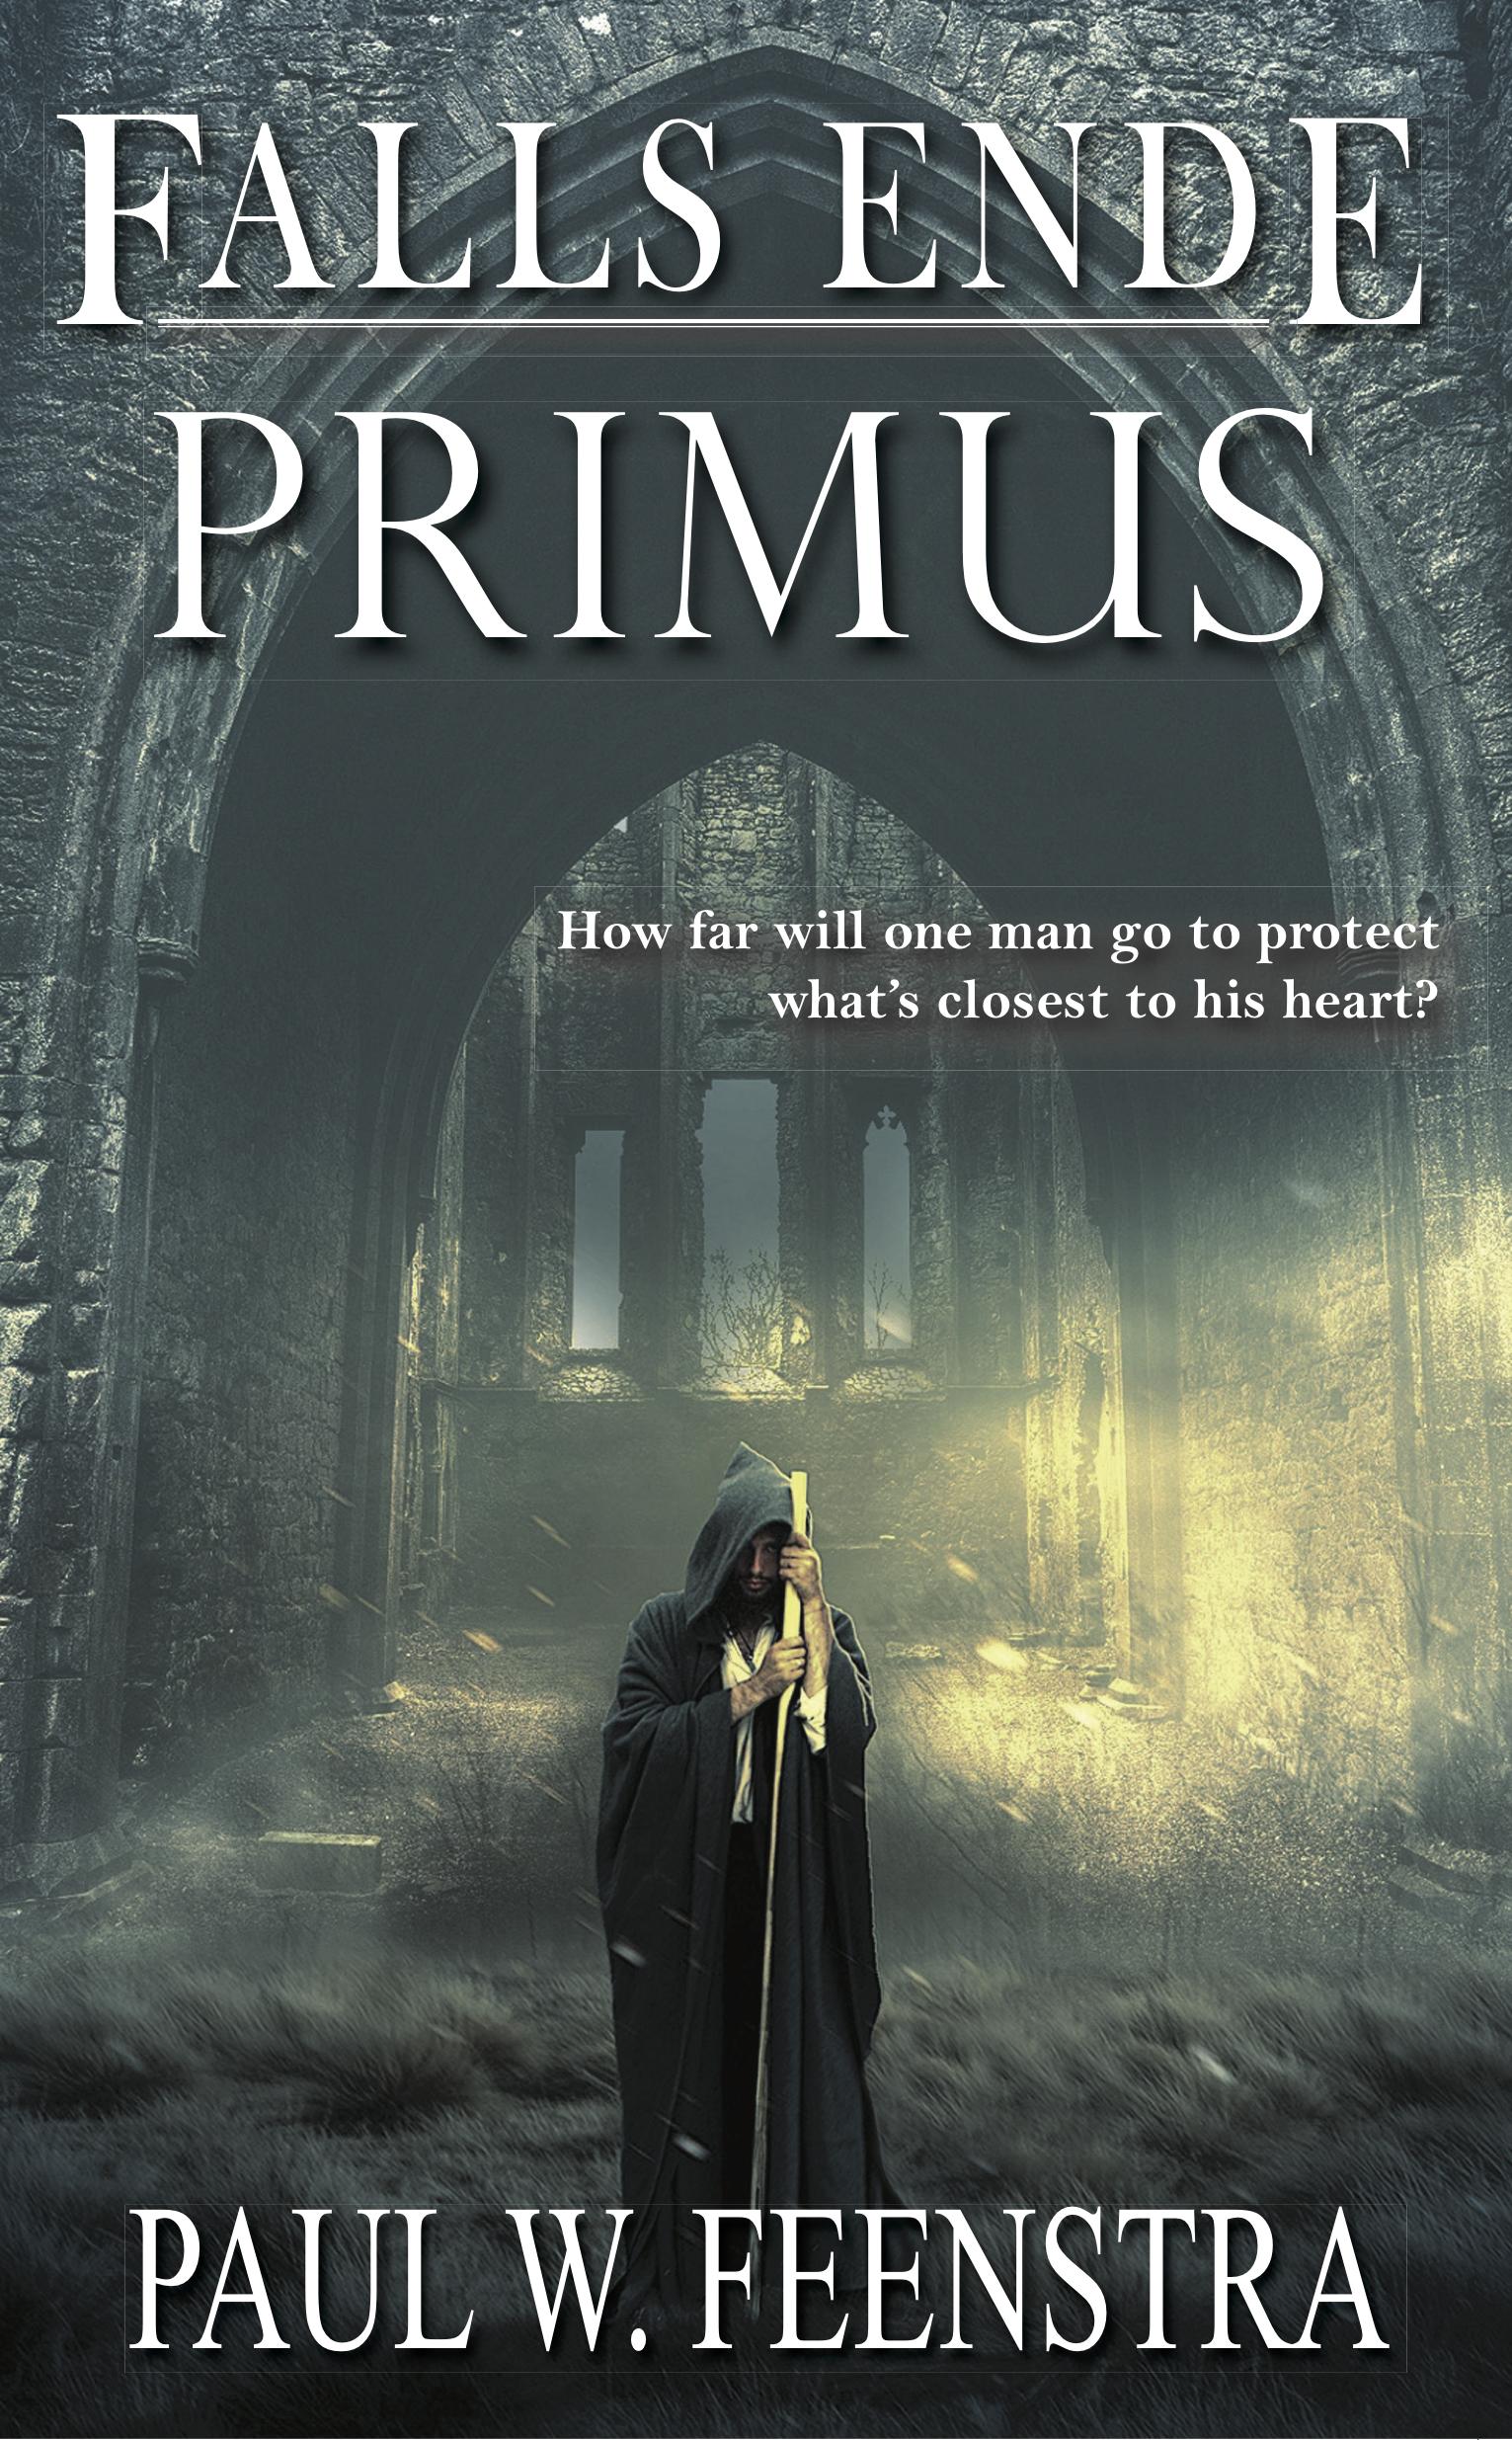 Falls Ende - Primus Soft Cover Rev